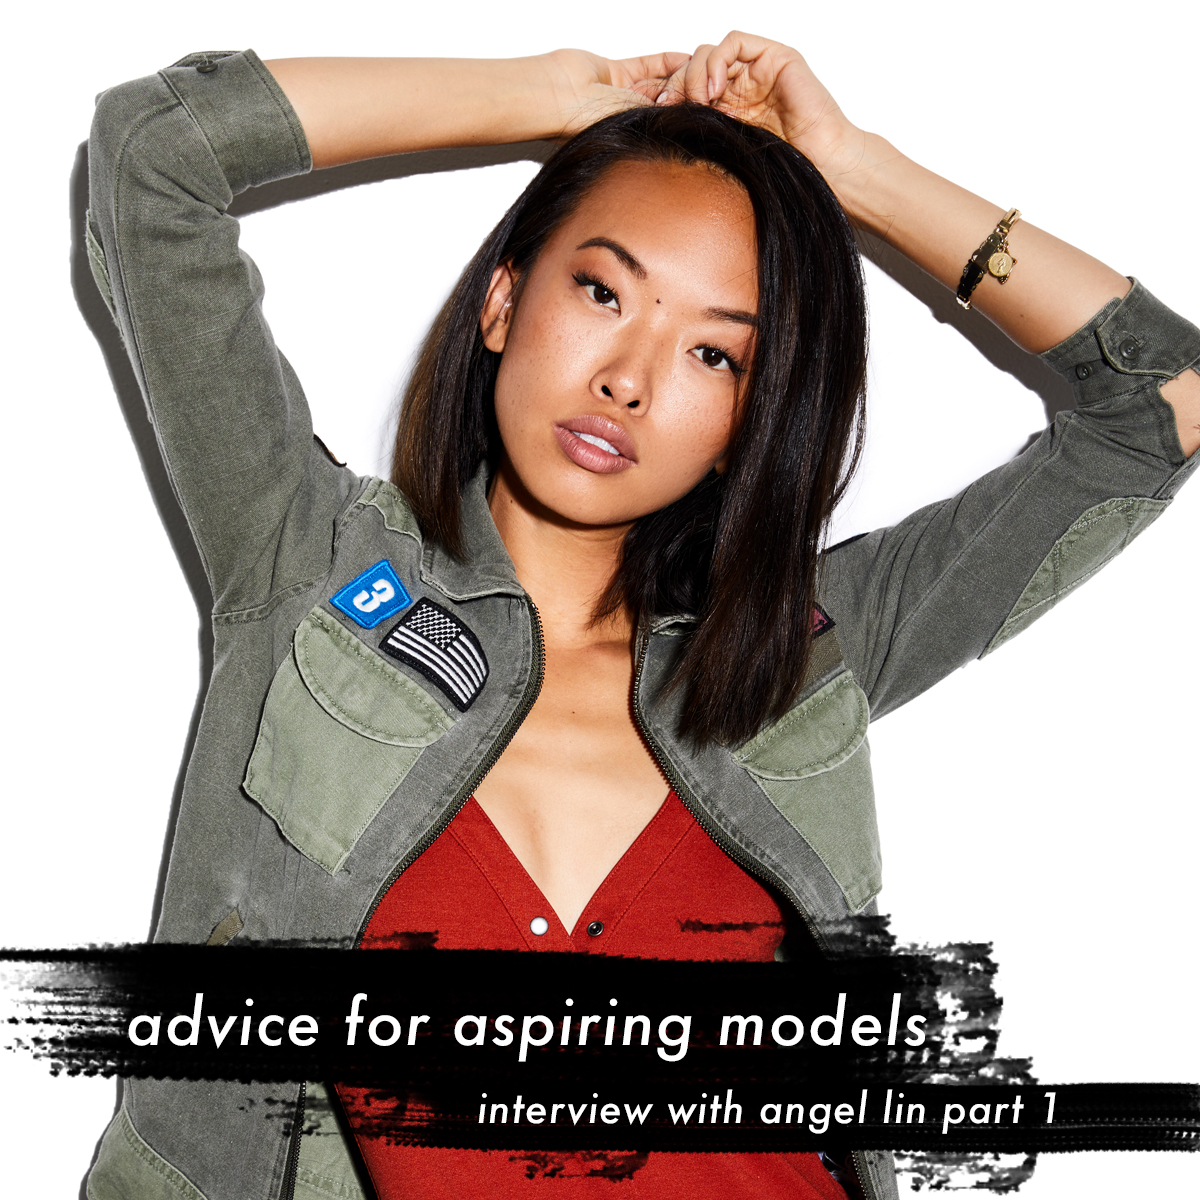 advice-for-models-angel.jpg